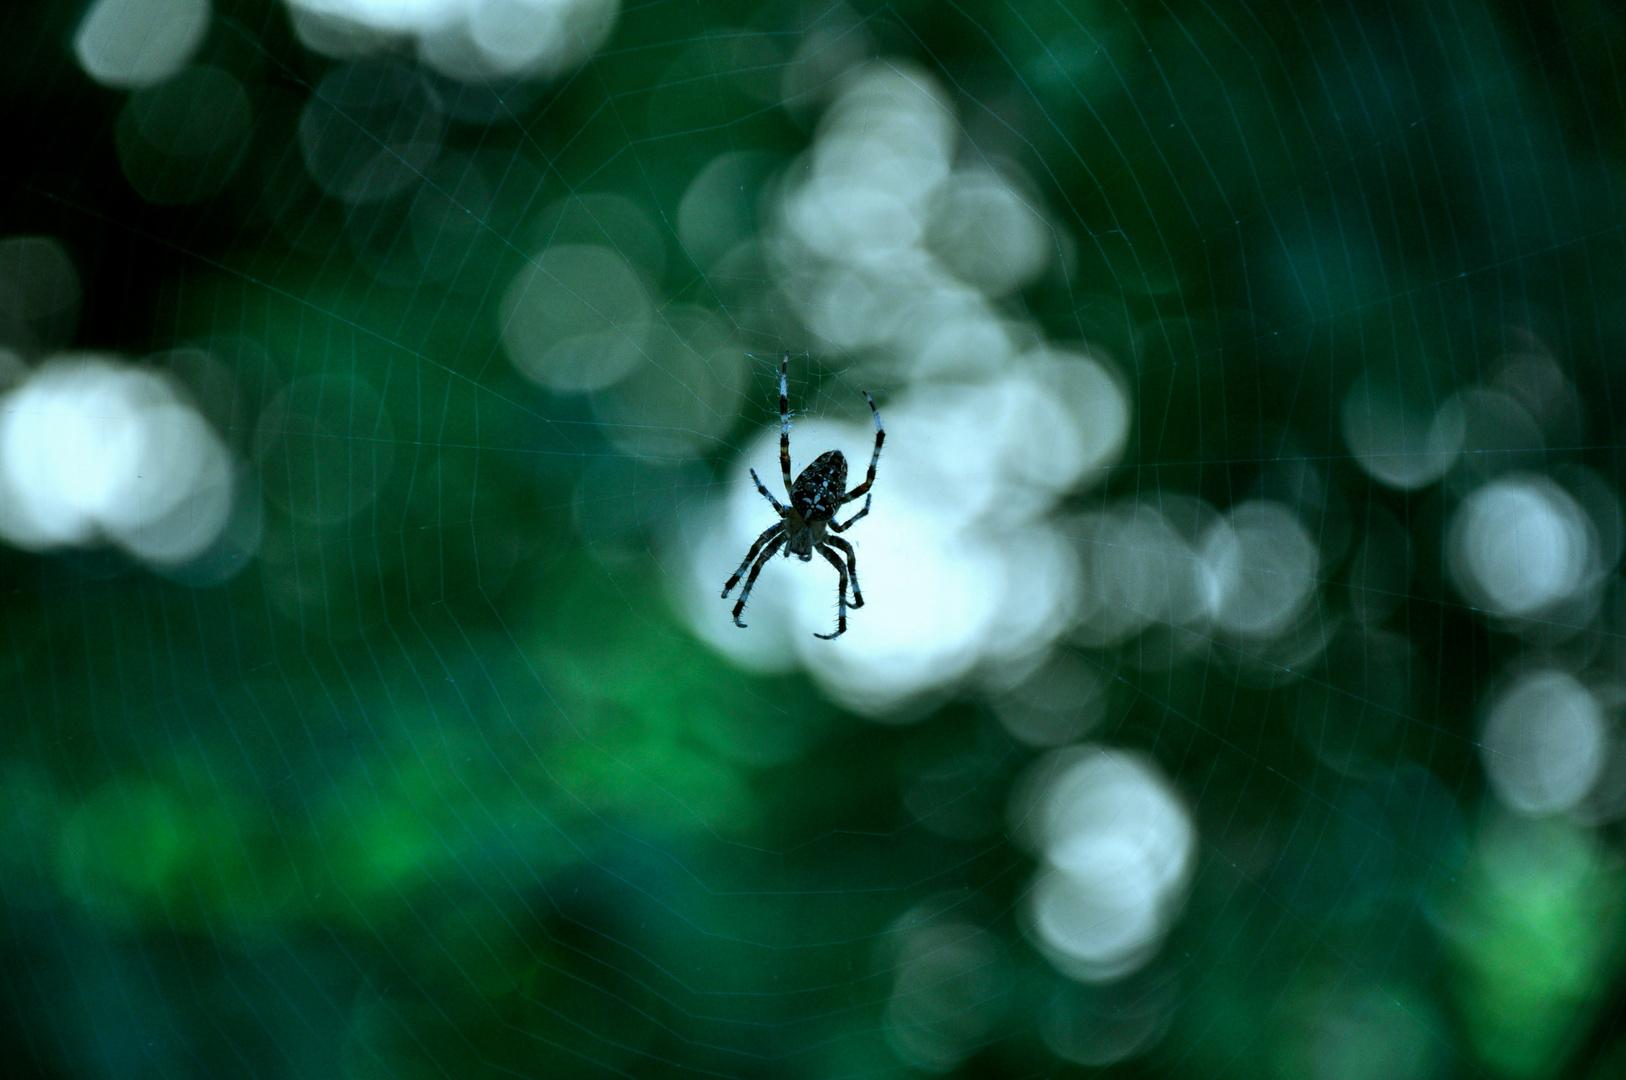 Arachnoa